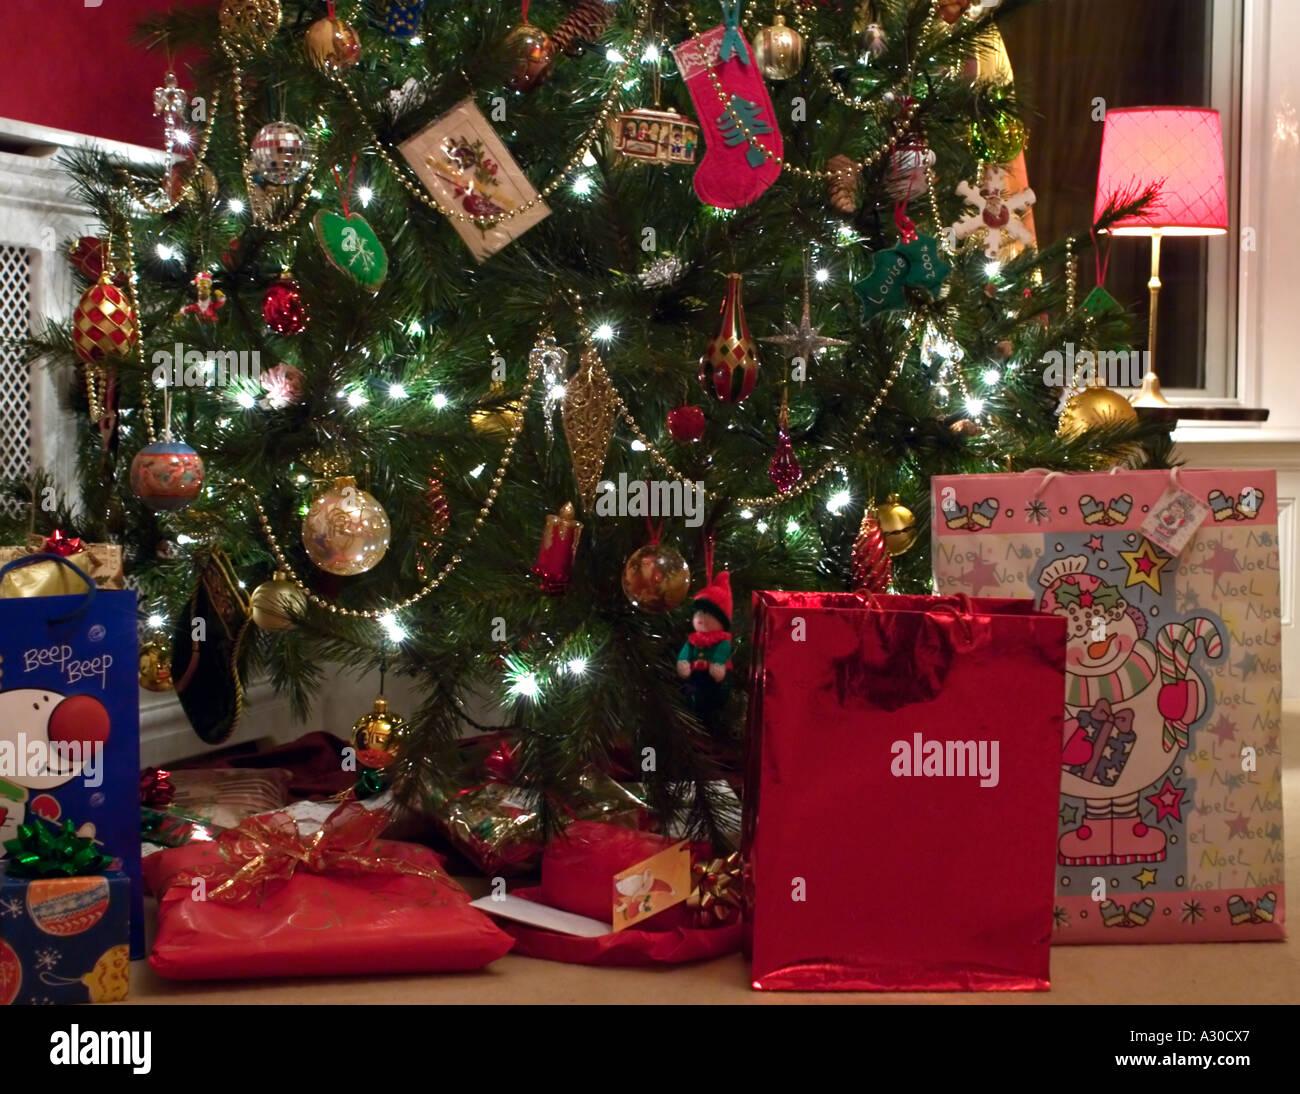 Edwardian Christmas Decorations